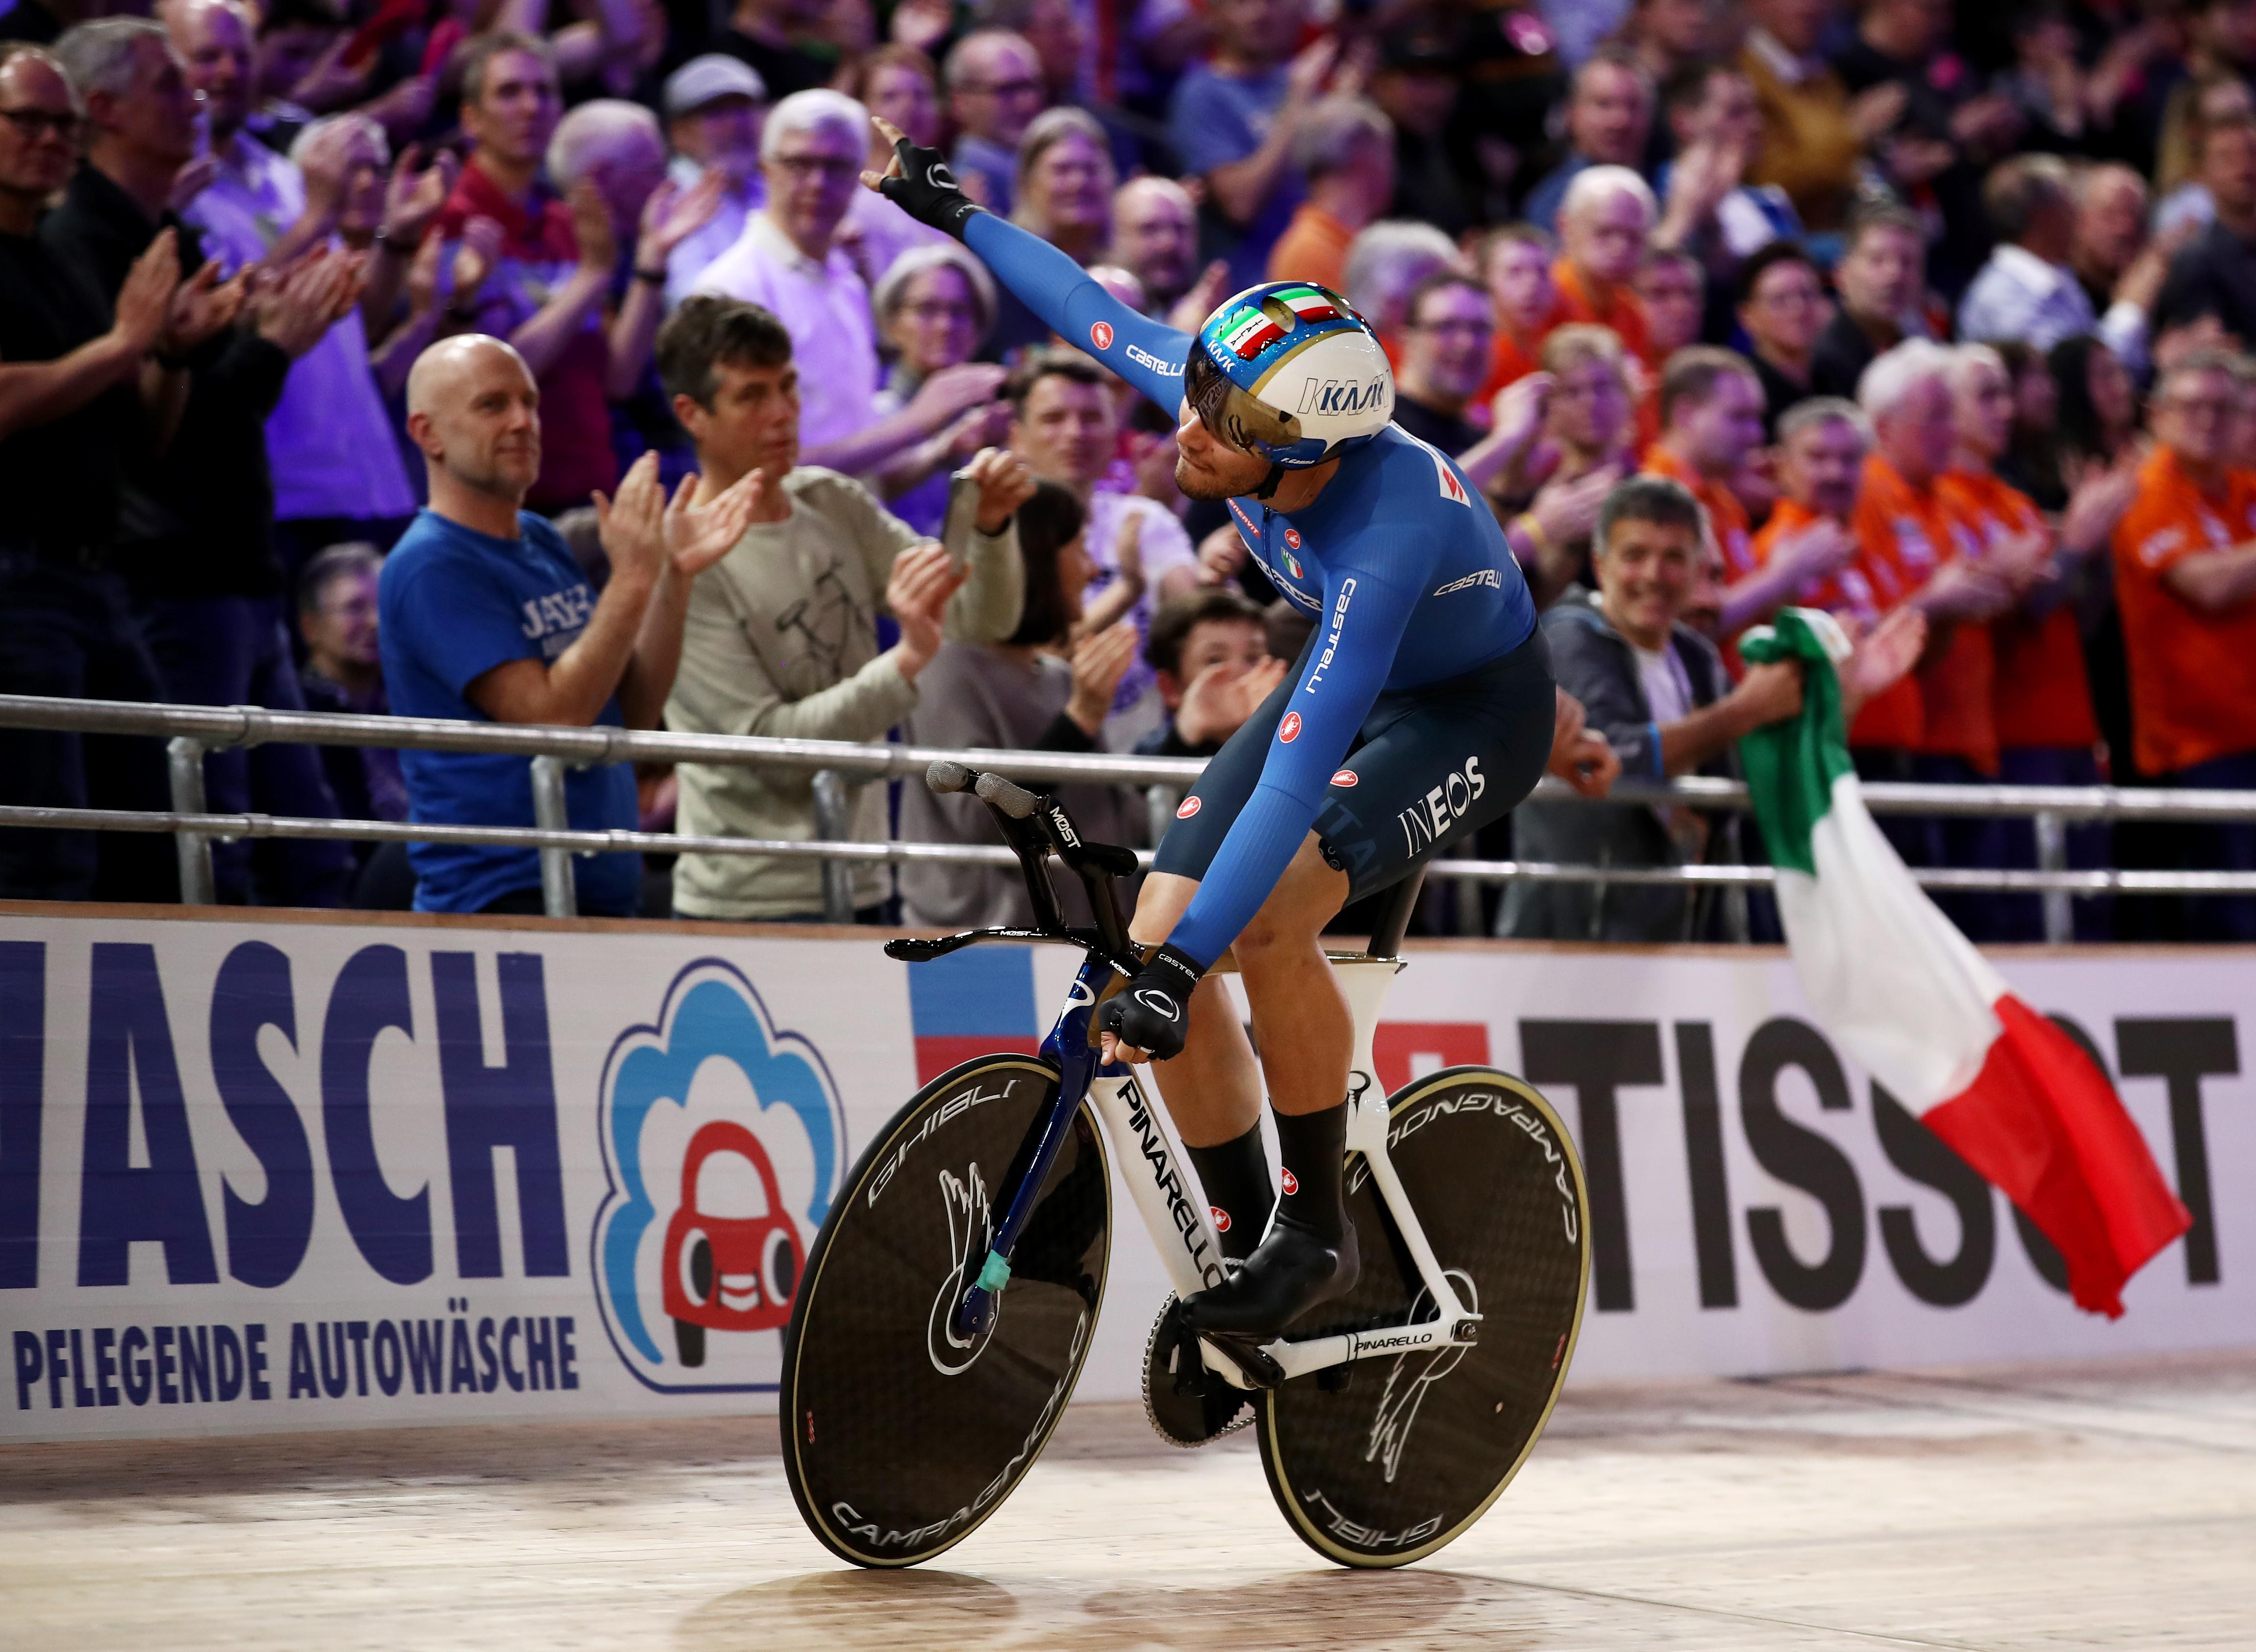 Il piemontese ha battuto l'americano Ashton Lambie nella finale per il titolo a Berlino